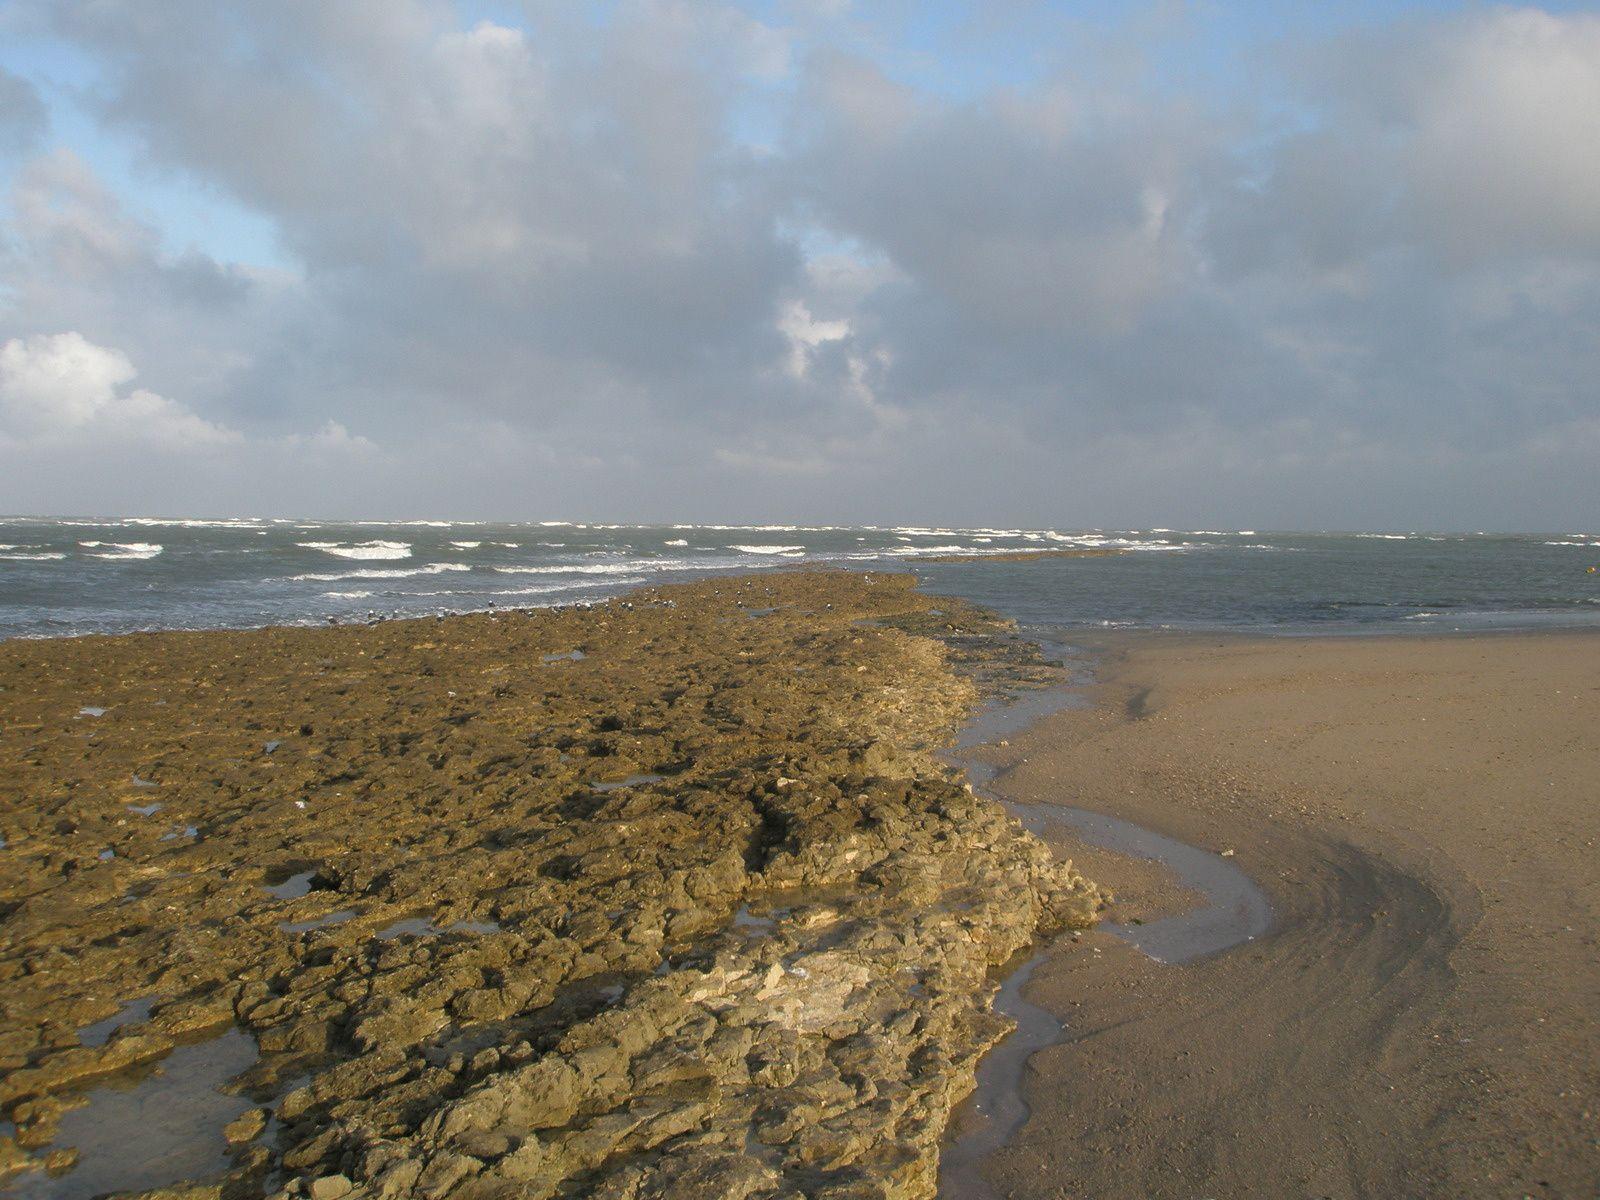 La musique des vagues sur les plages de l'île d'Oleron est pareille qu'au bord des lagunes du Cénomanien, lorsque les morceaux de lignite que la mer dépose aujourd'hui sur le sable étaient des grands arbres tropicaux, Araucarias, Gingkos, que berçait le vent du Crétacé supérieur...